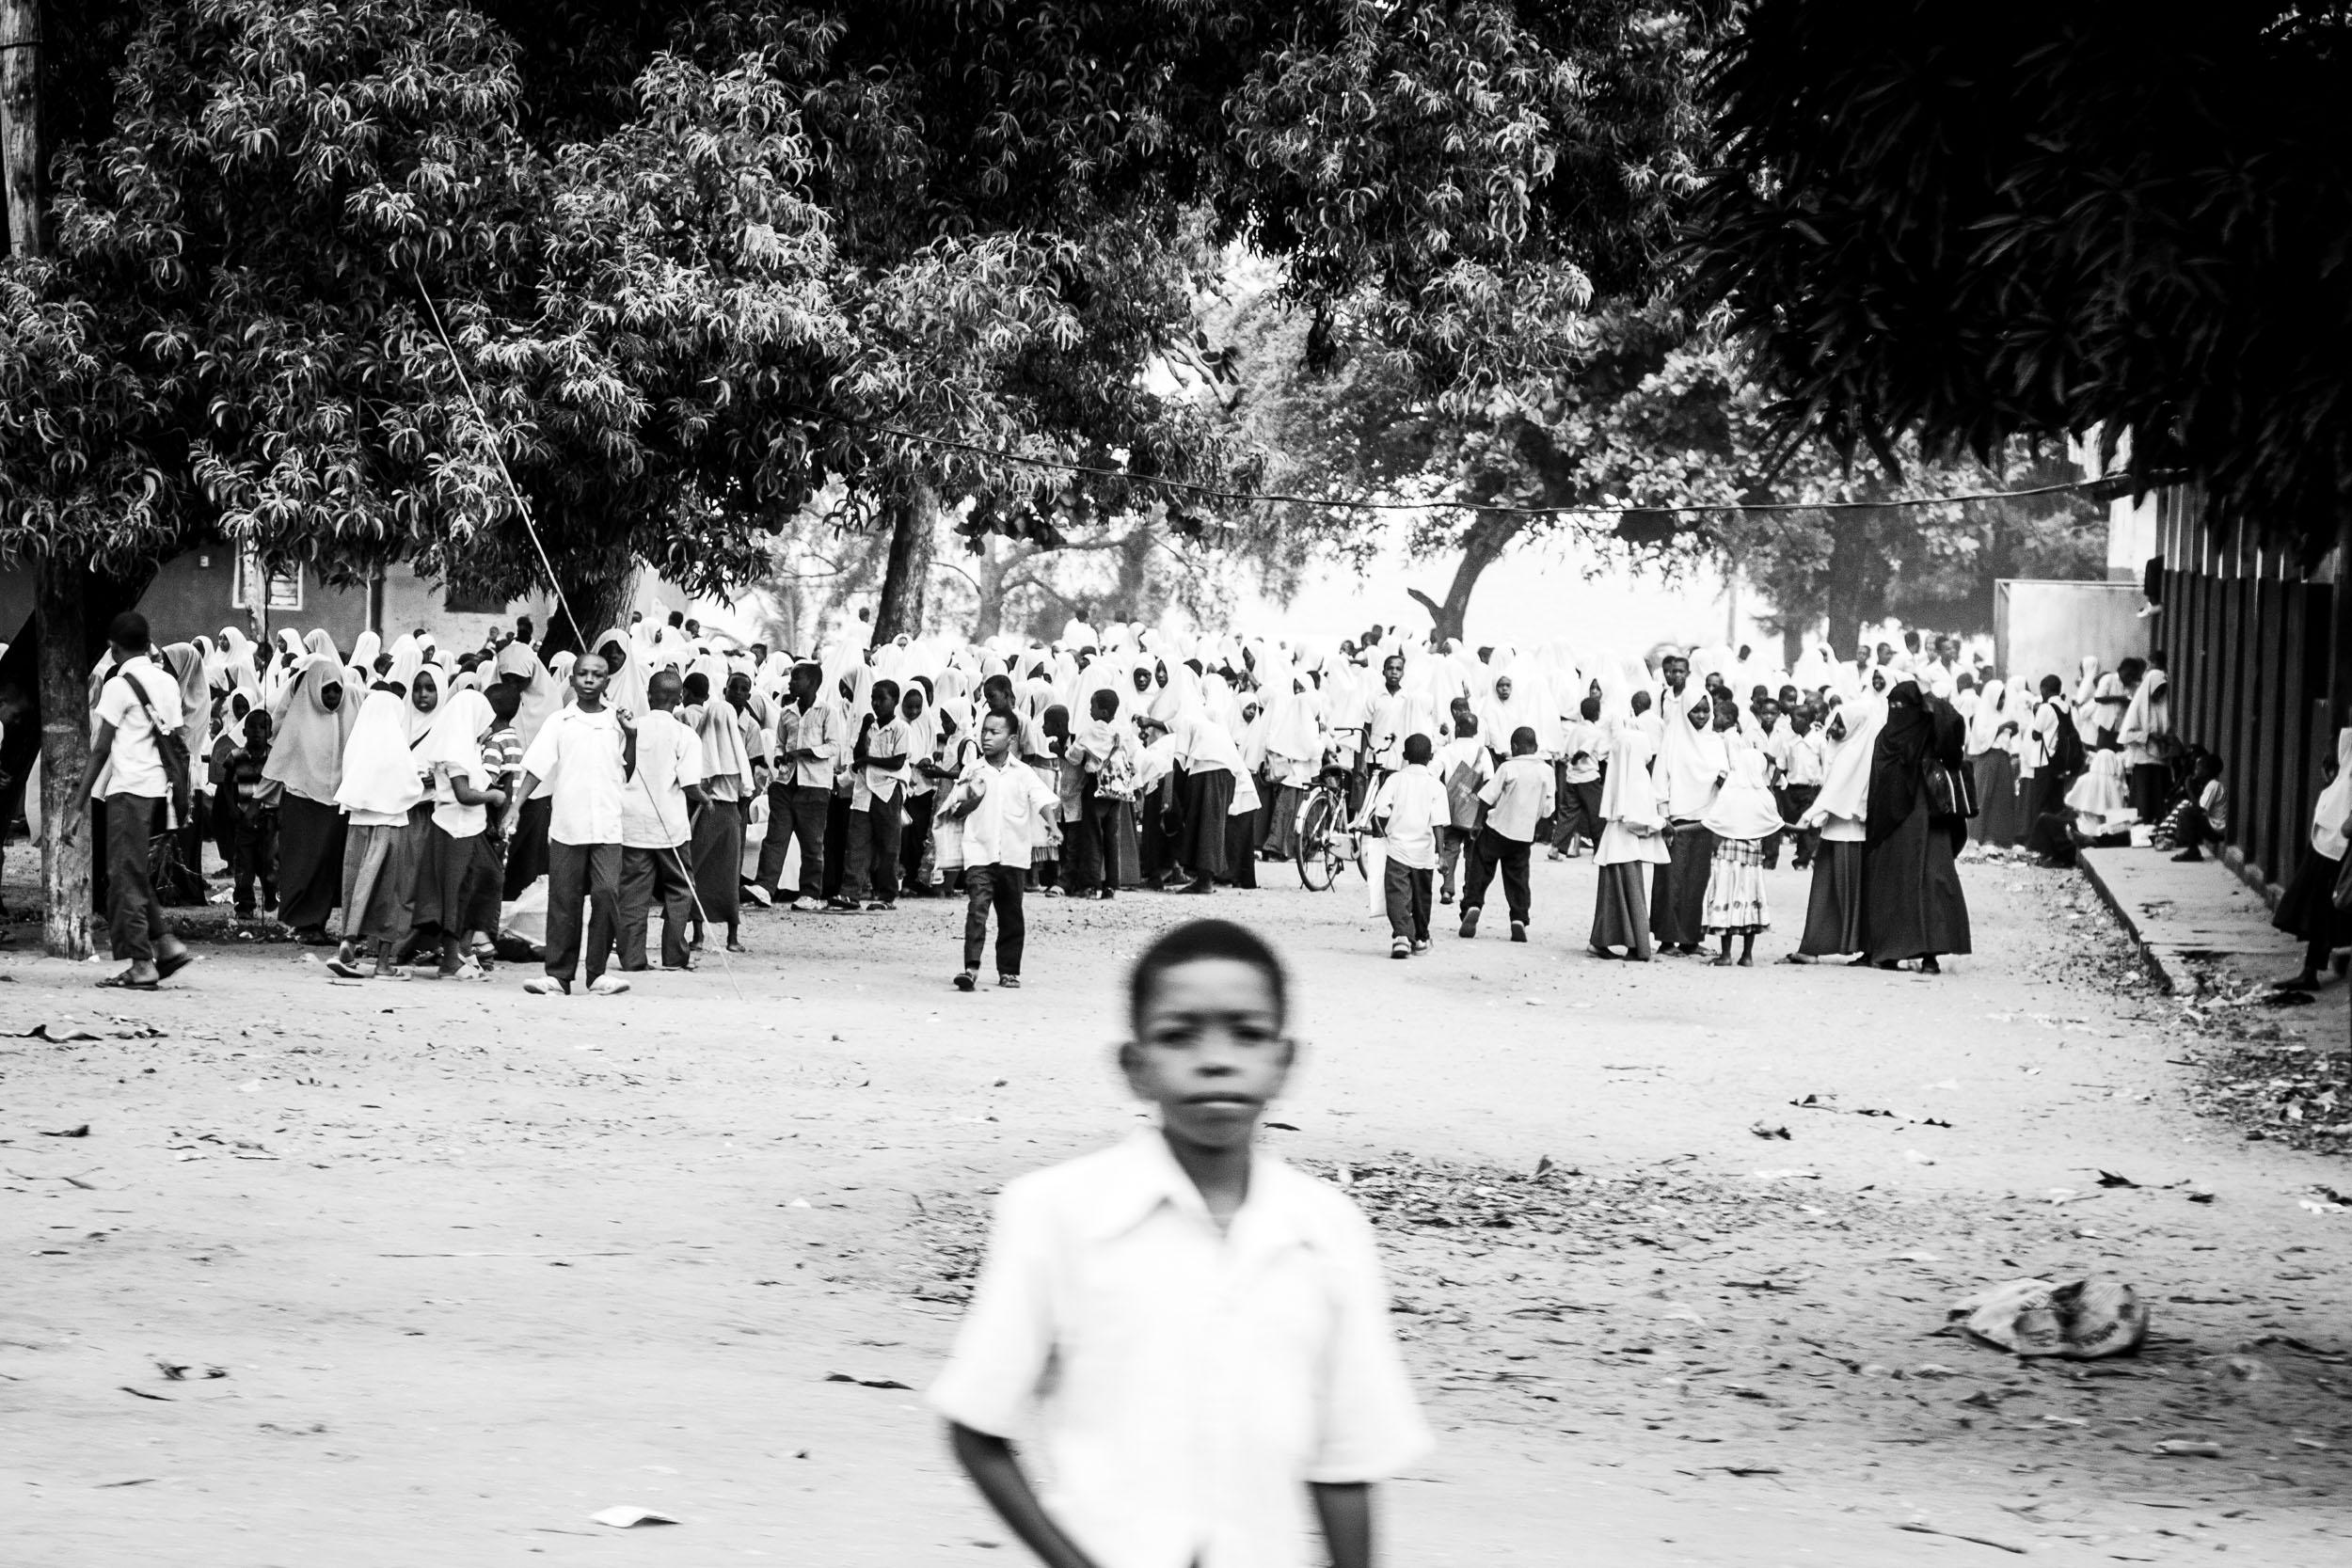 Zanzibar_MG_4960